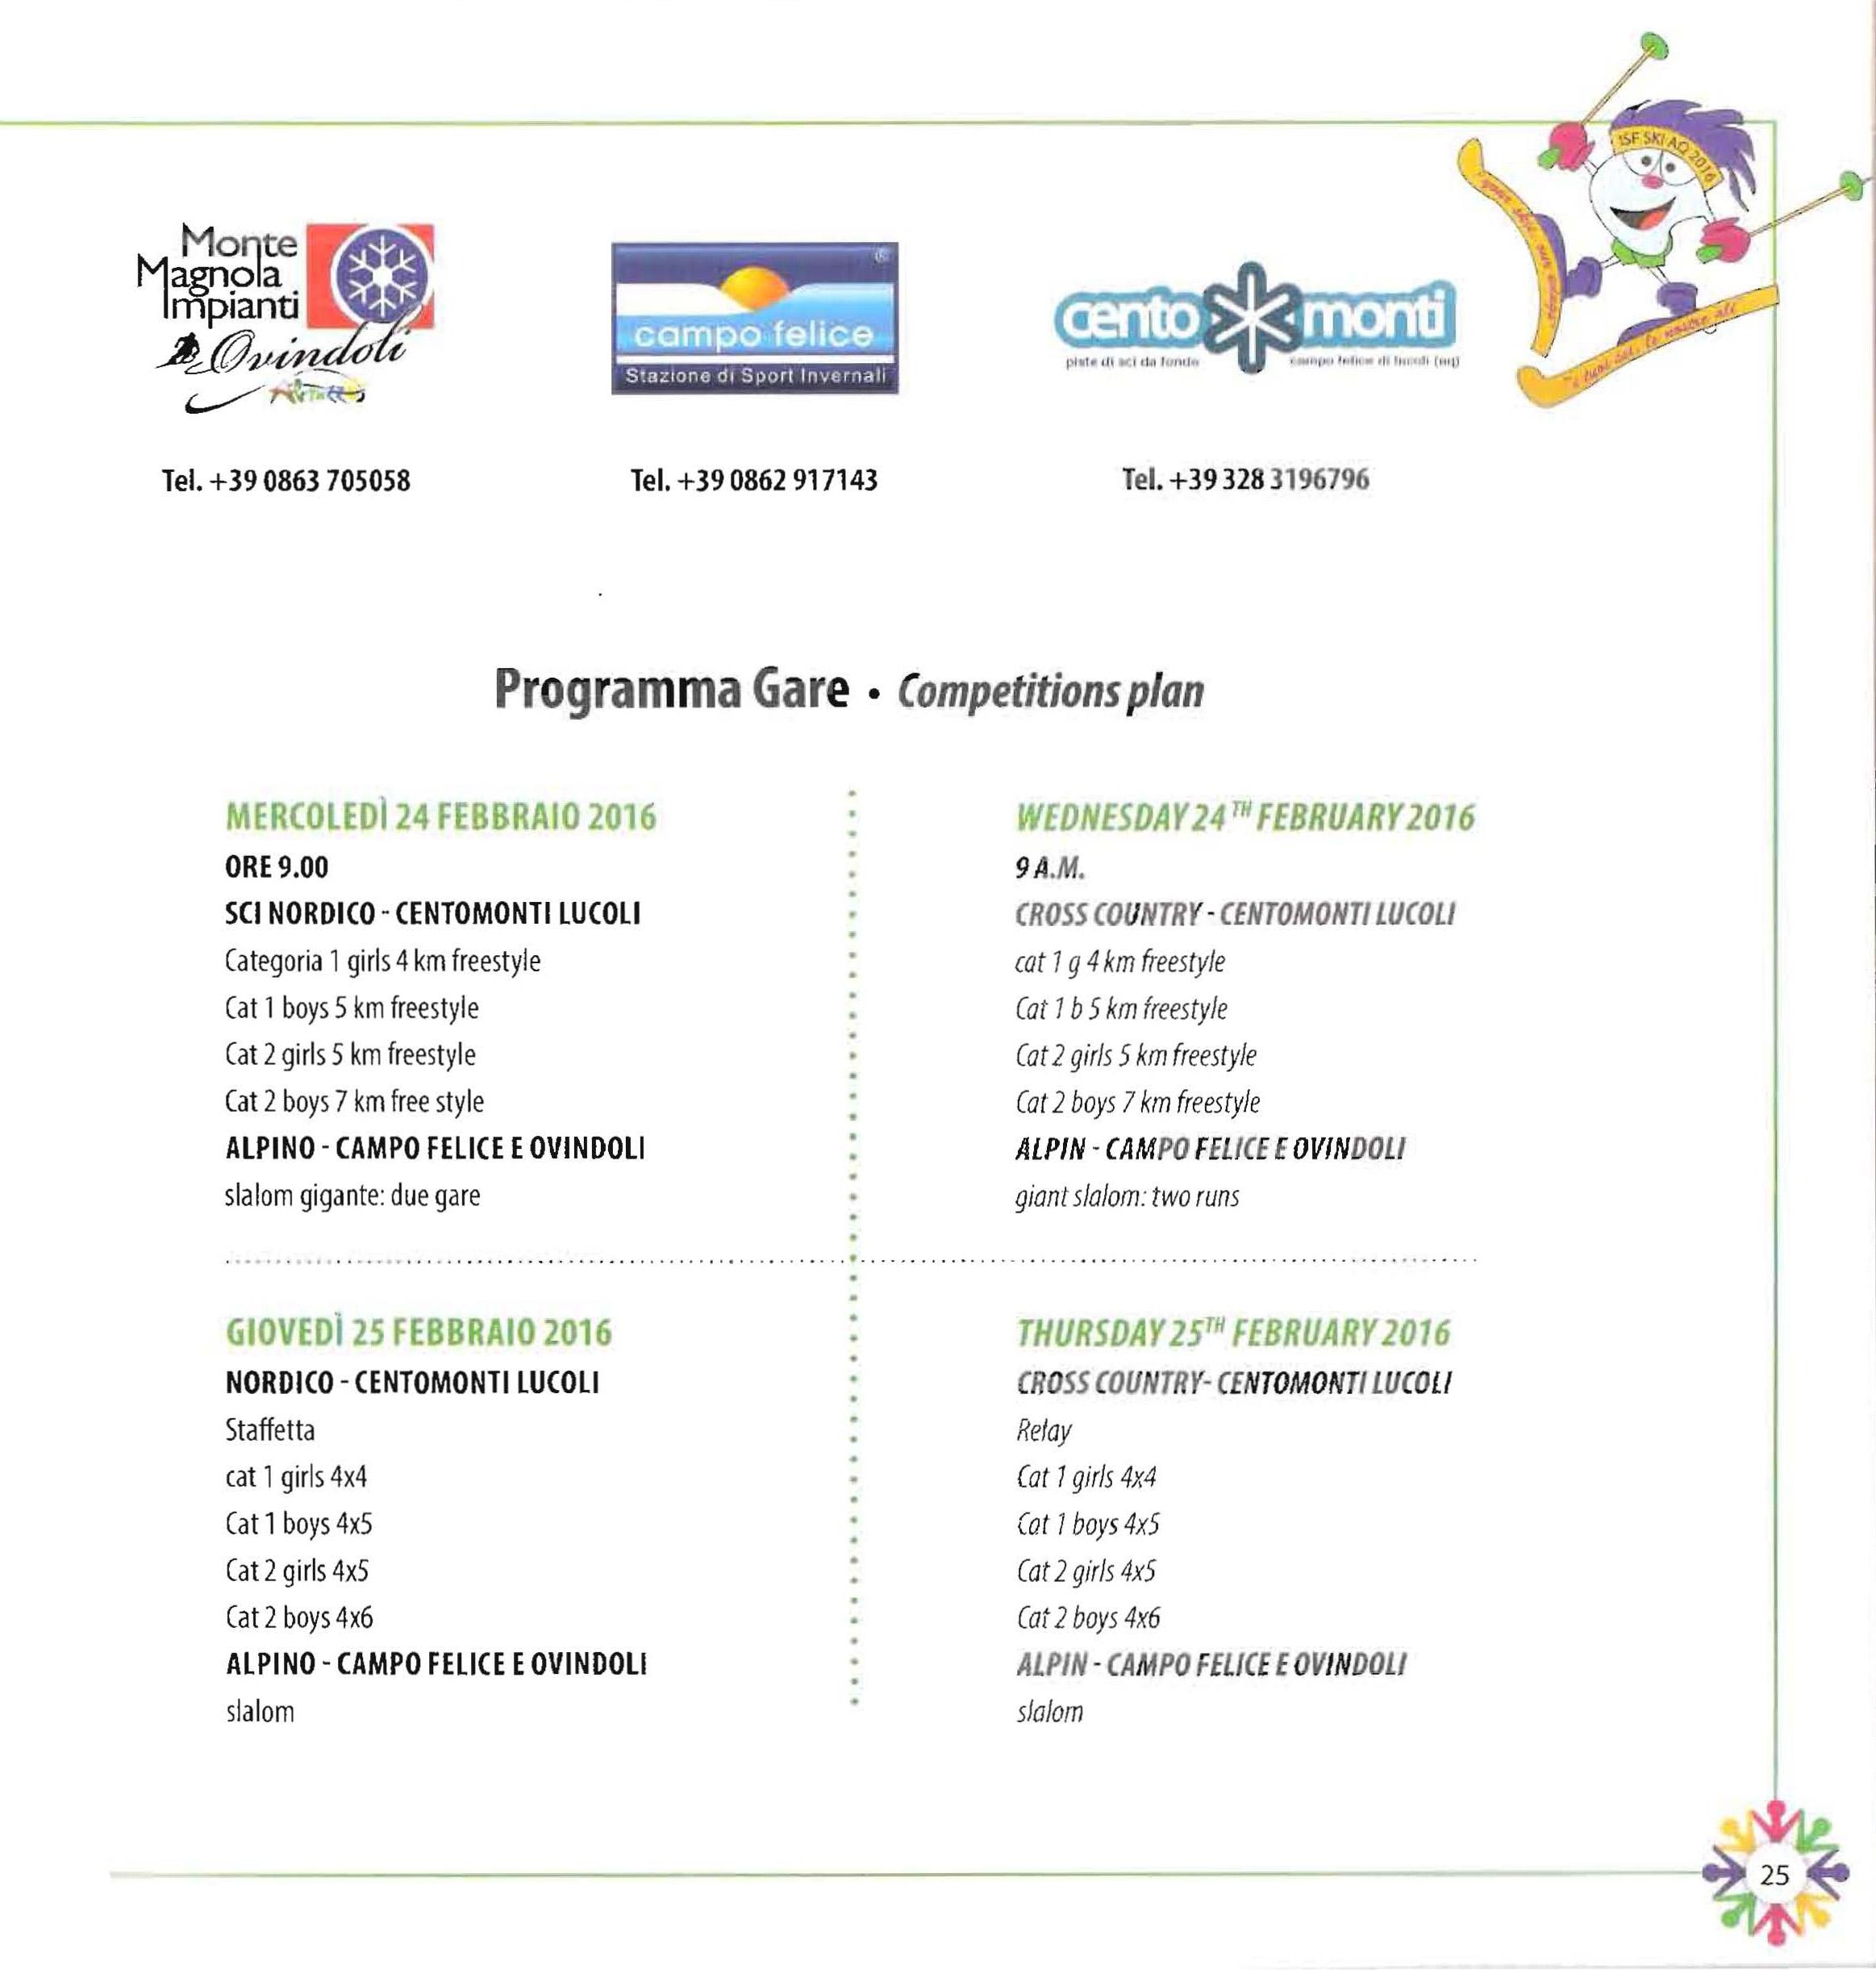 Programma-Gare